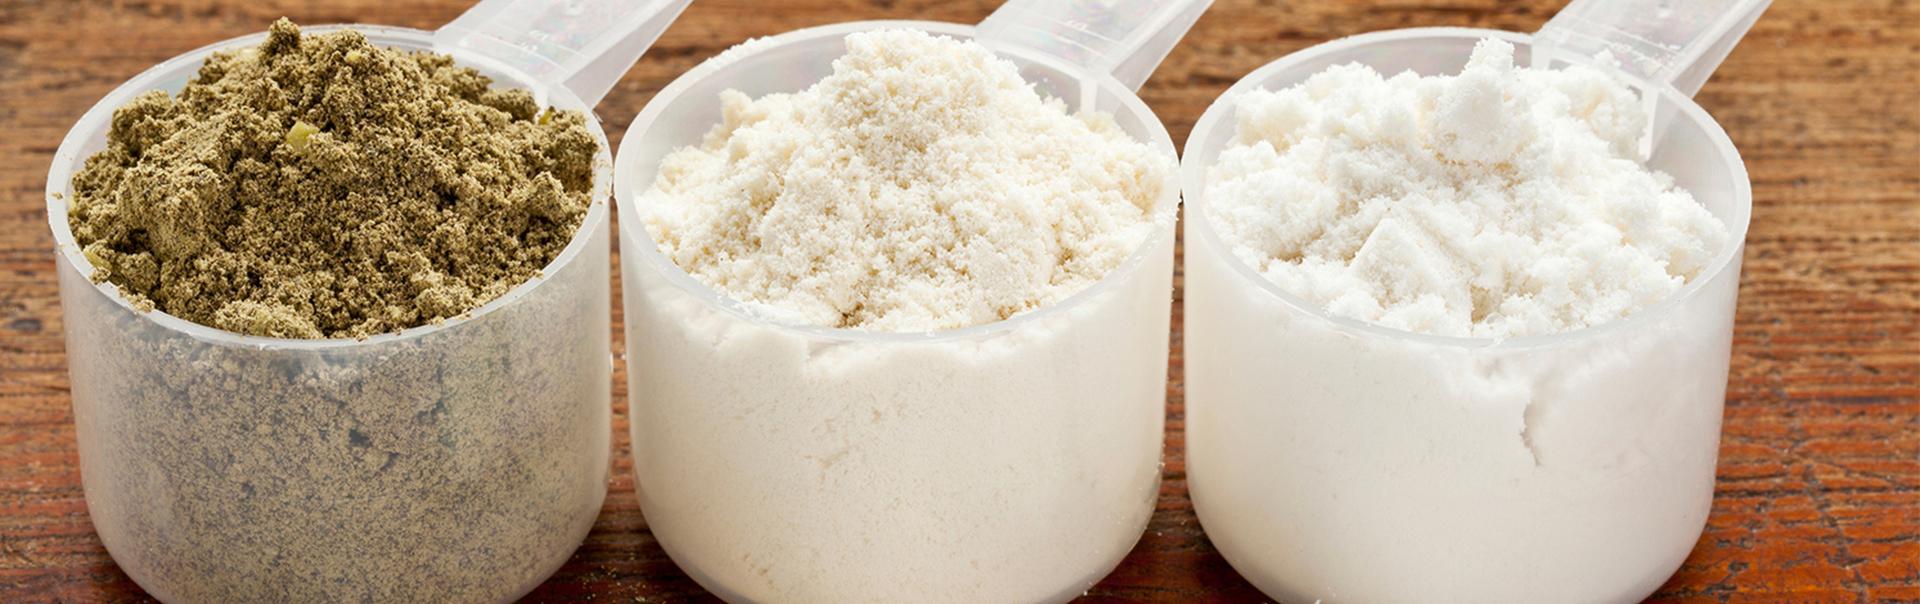 Protein Powder Measurements